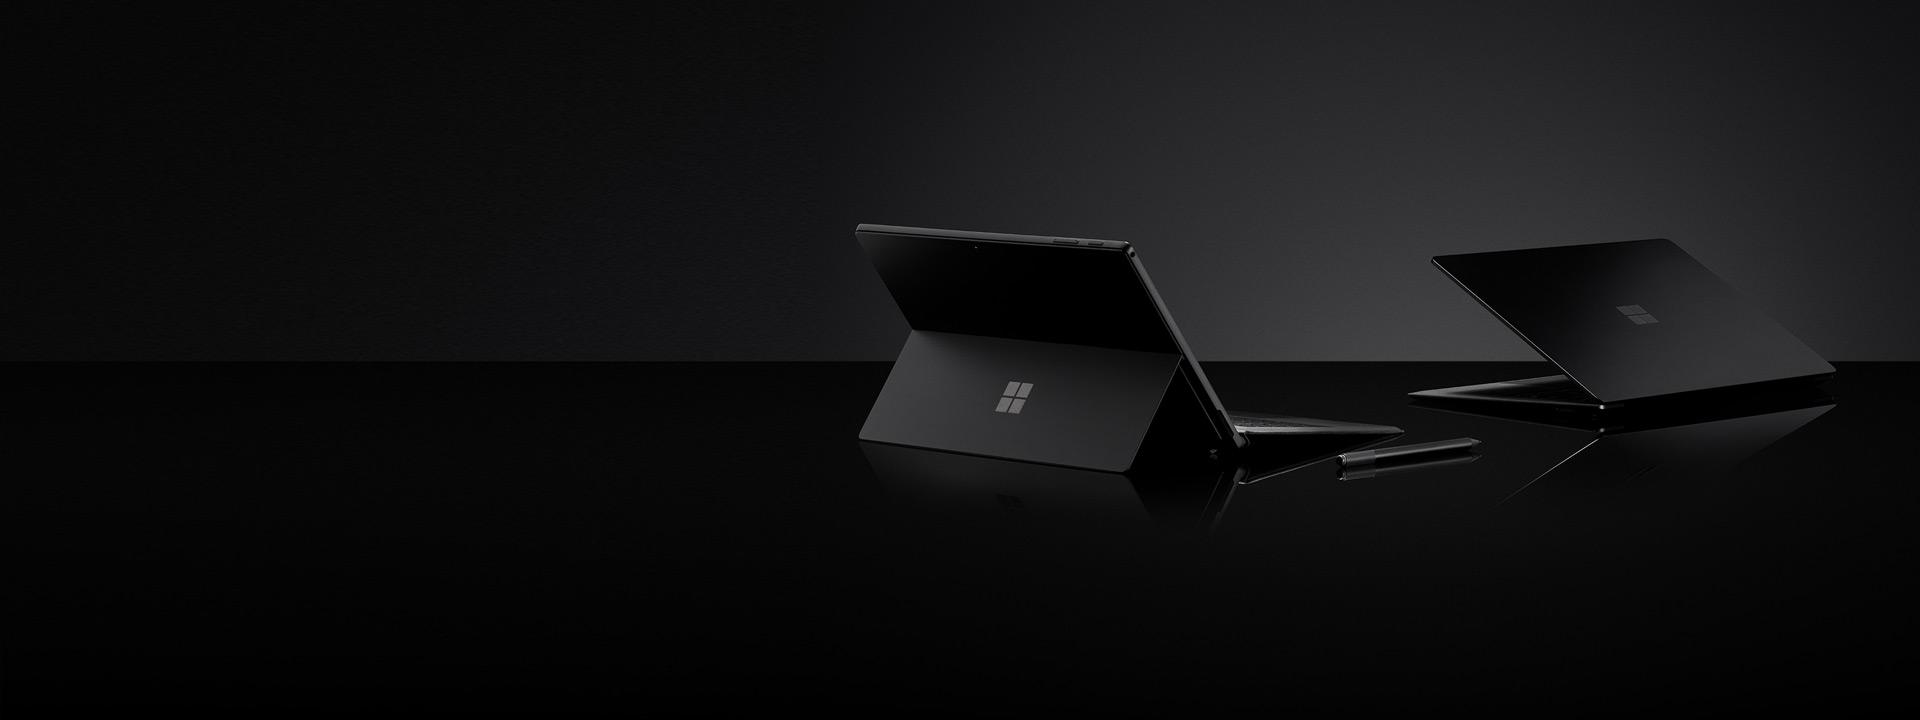 Schwarz Surface Pro 6, Schwarz Surface Laptop 2 und Schwarz Surface Pen